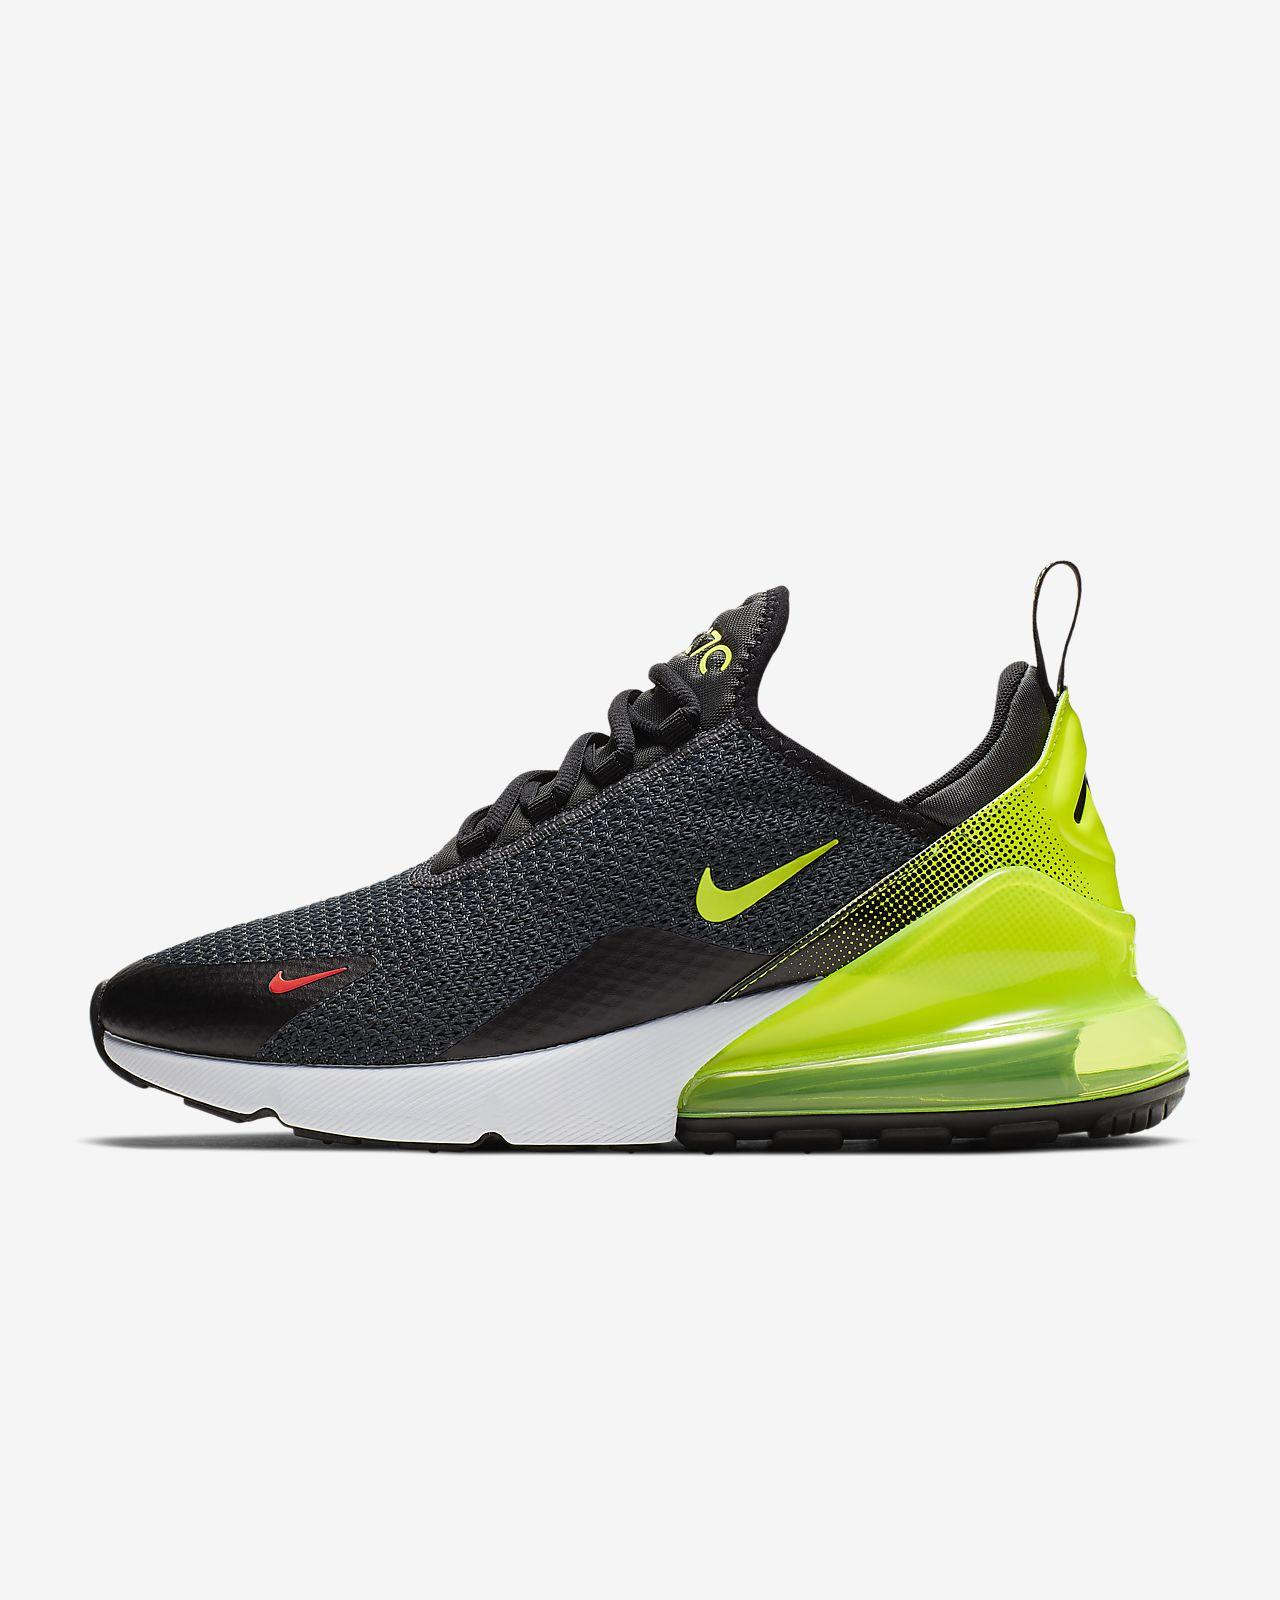 รองเท้าผู้ชาย Nike Air Max 270 SE